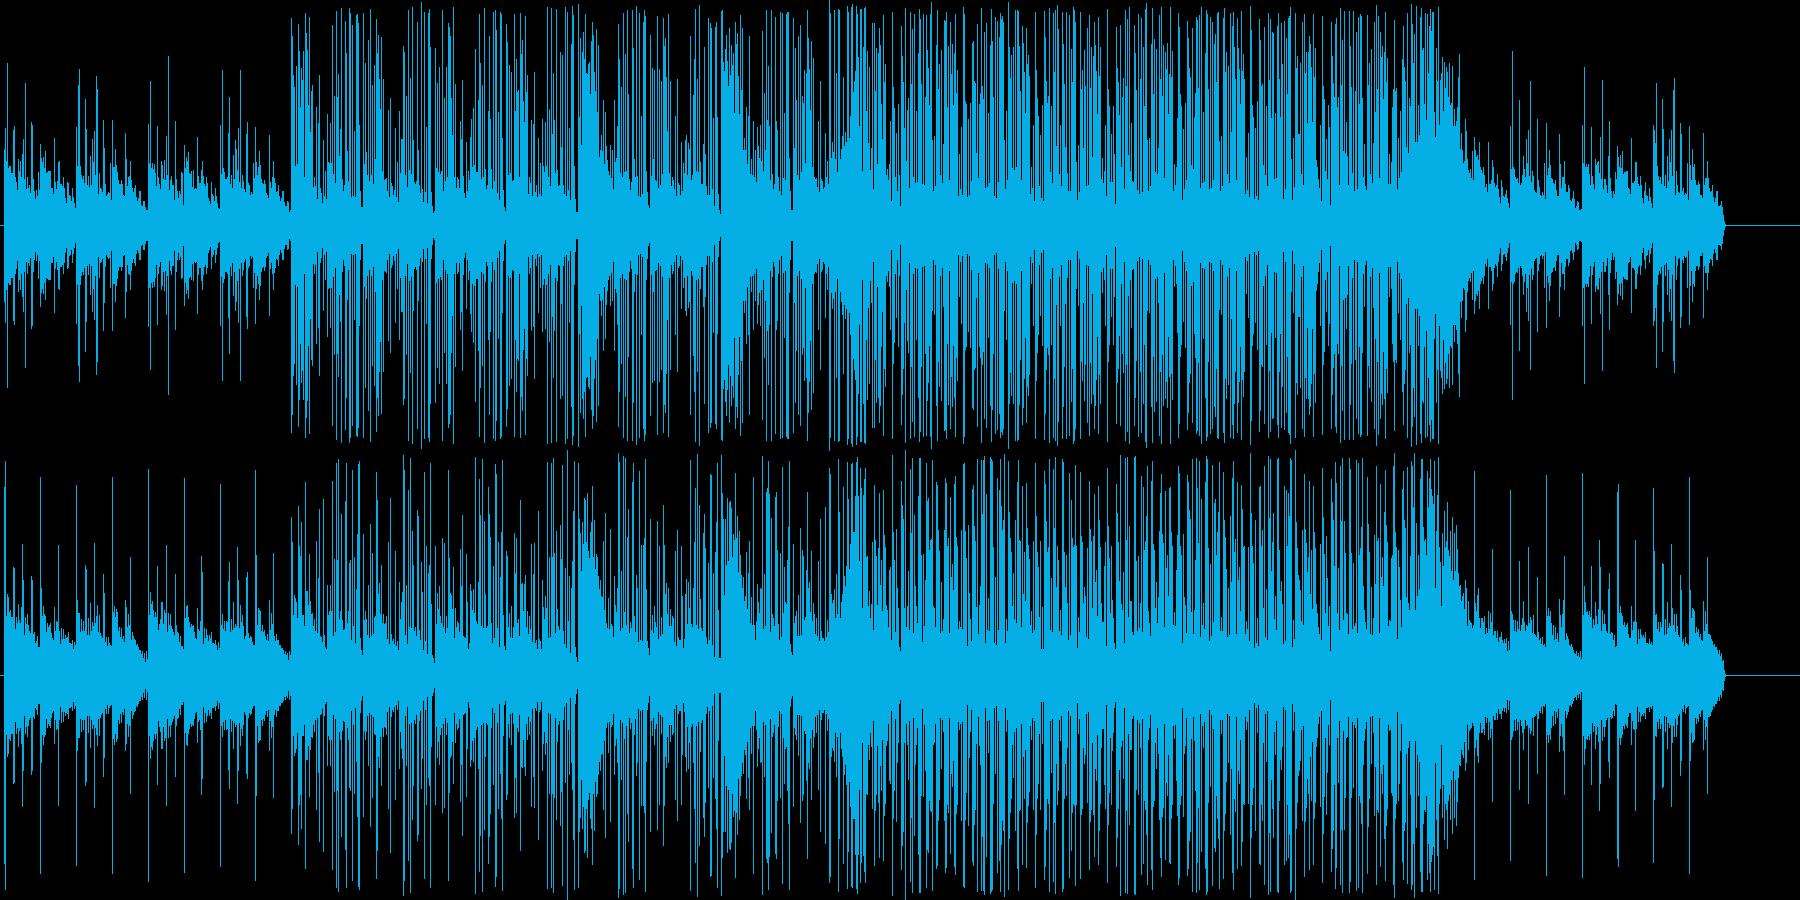 エレクトロニカ風の曲です何かを考えたり…の再生済みの波形